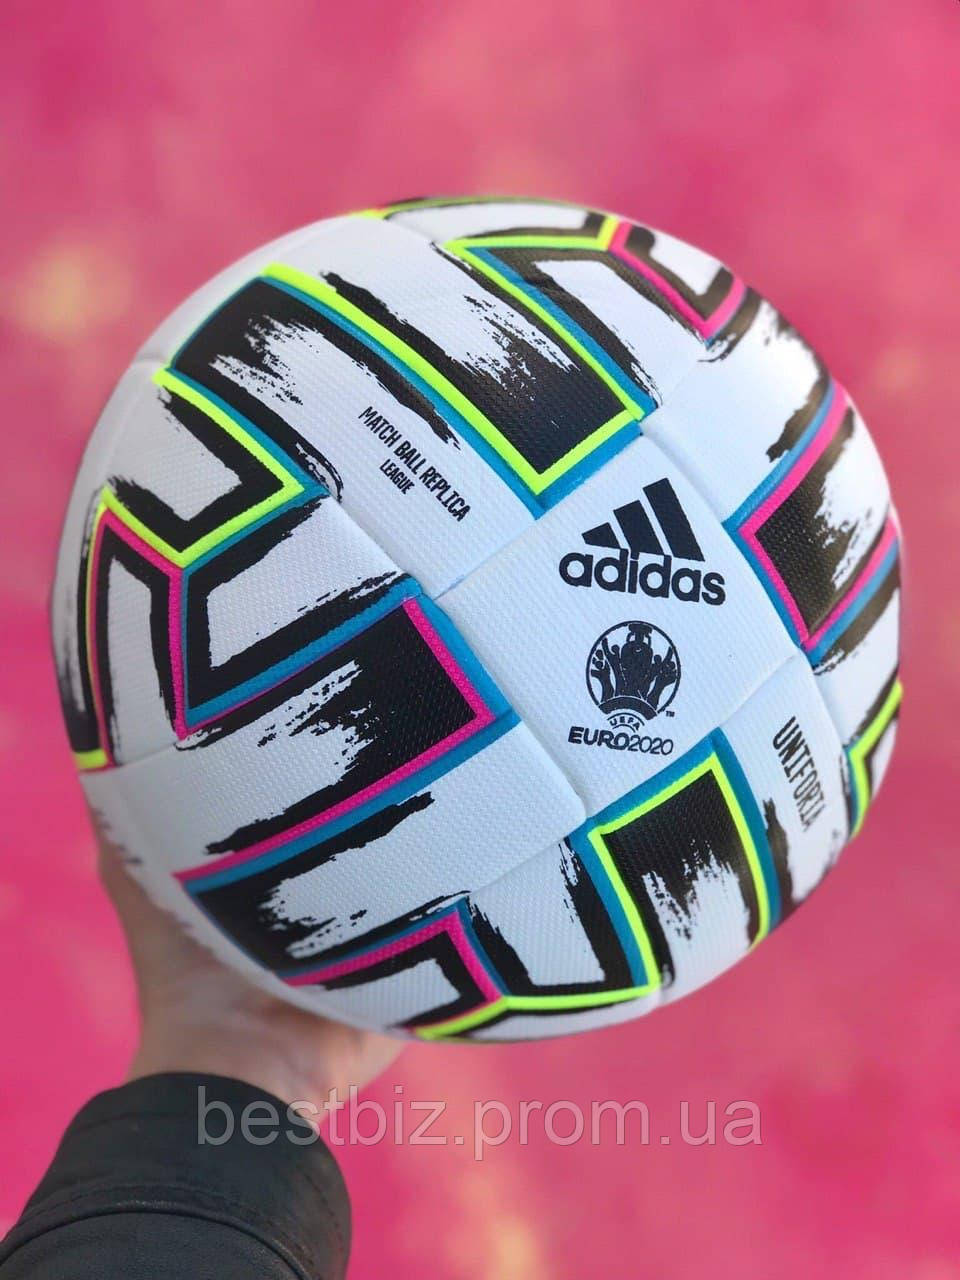 Футбольный мяч Adidas Uniforia Euro 2020  / мяч для футбола адидас